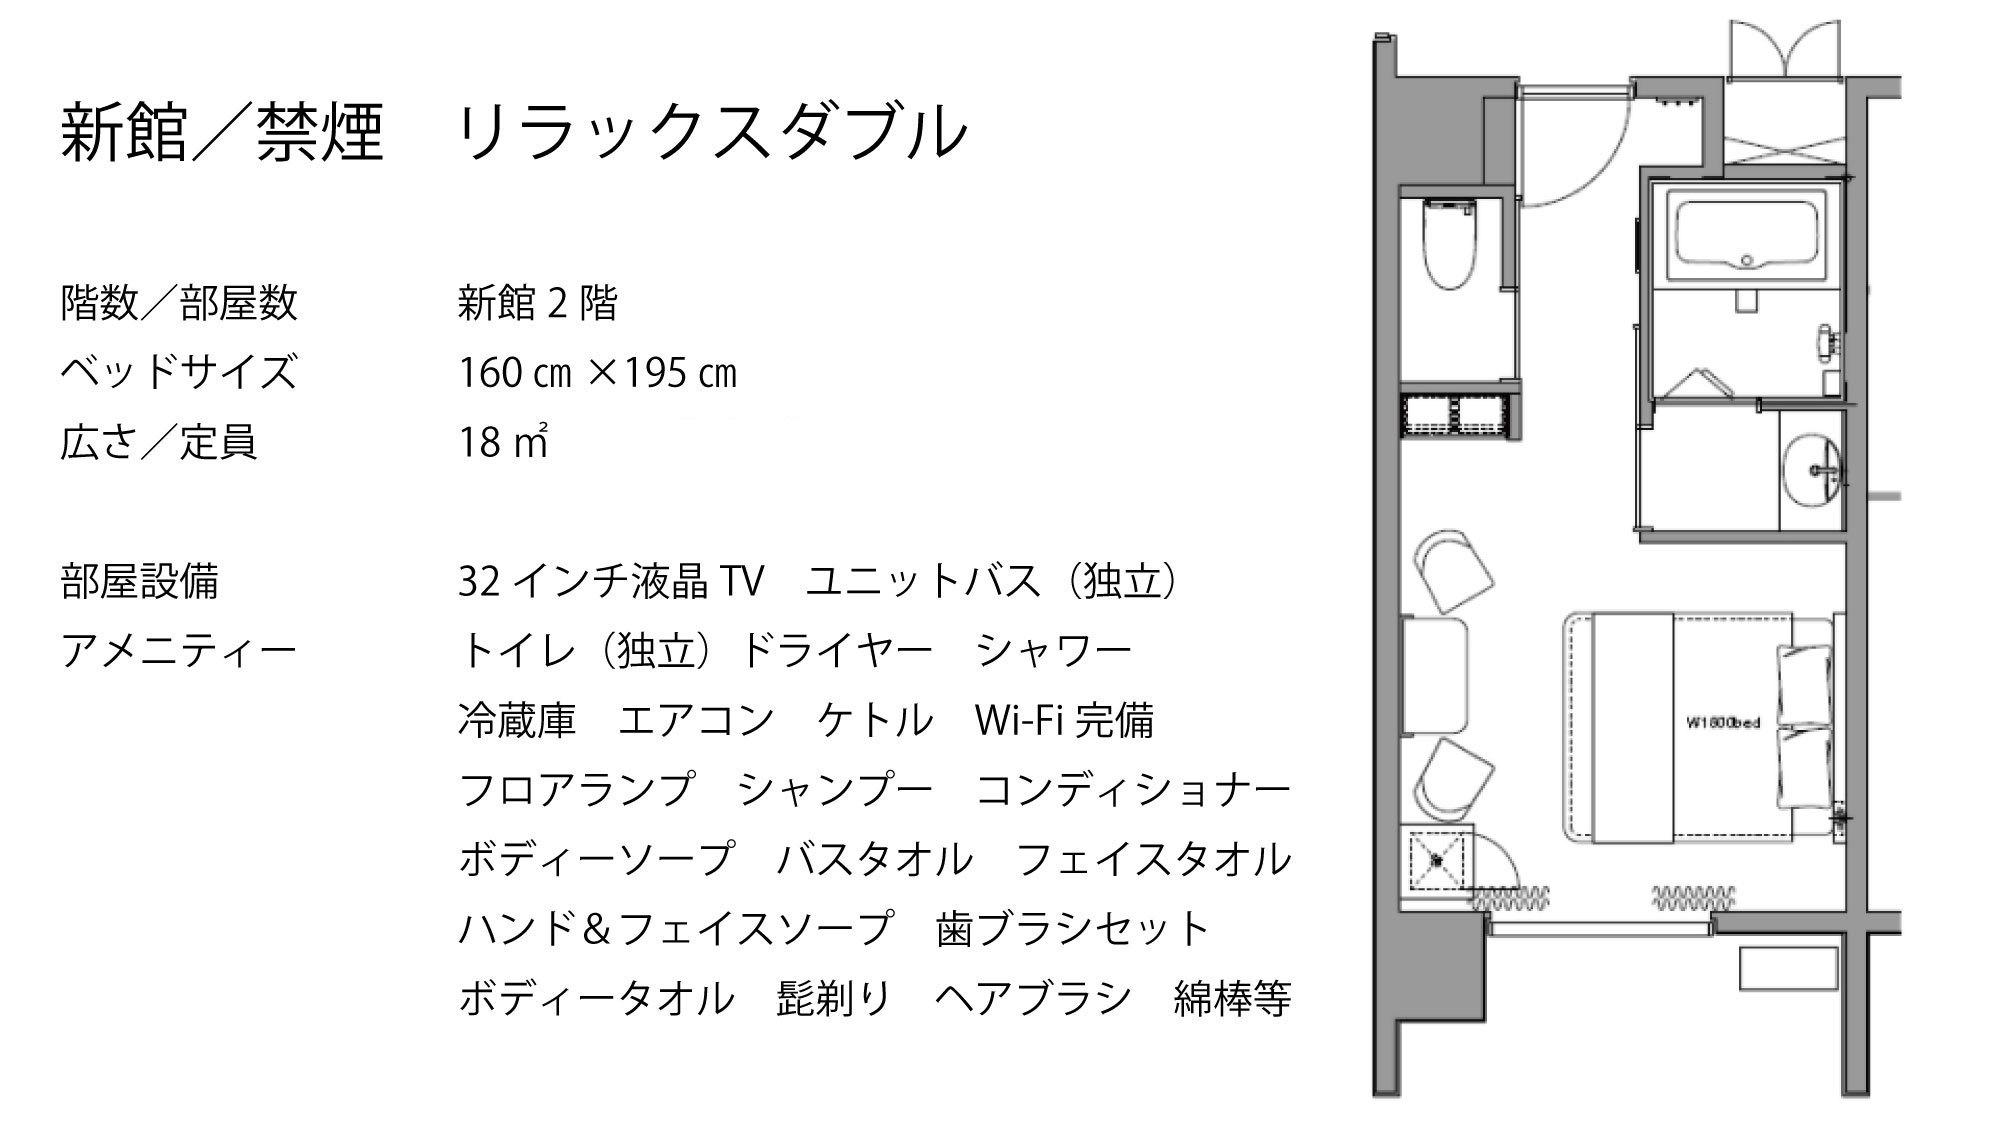 【新館/禁煙】リラックスダブル クイーンベッド(1台)160200 人気のお部屋